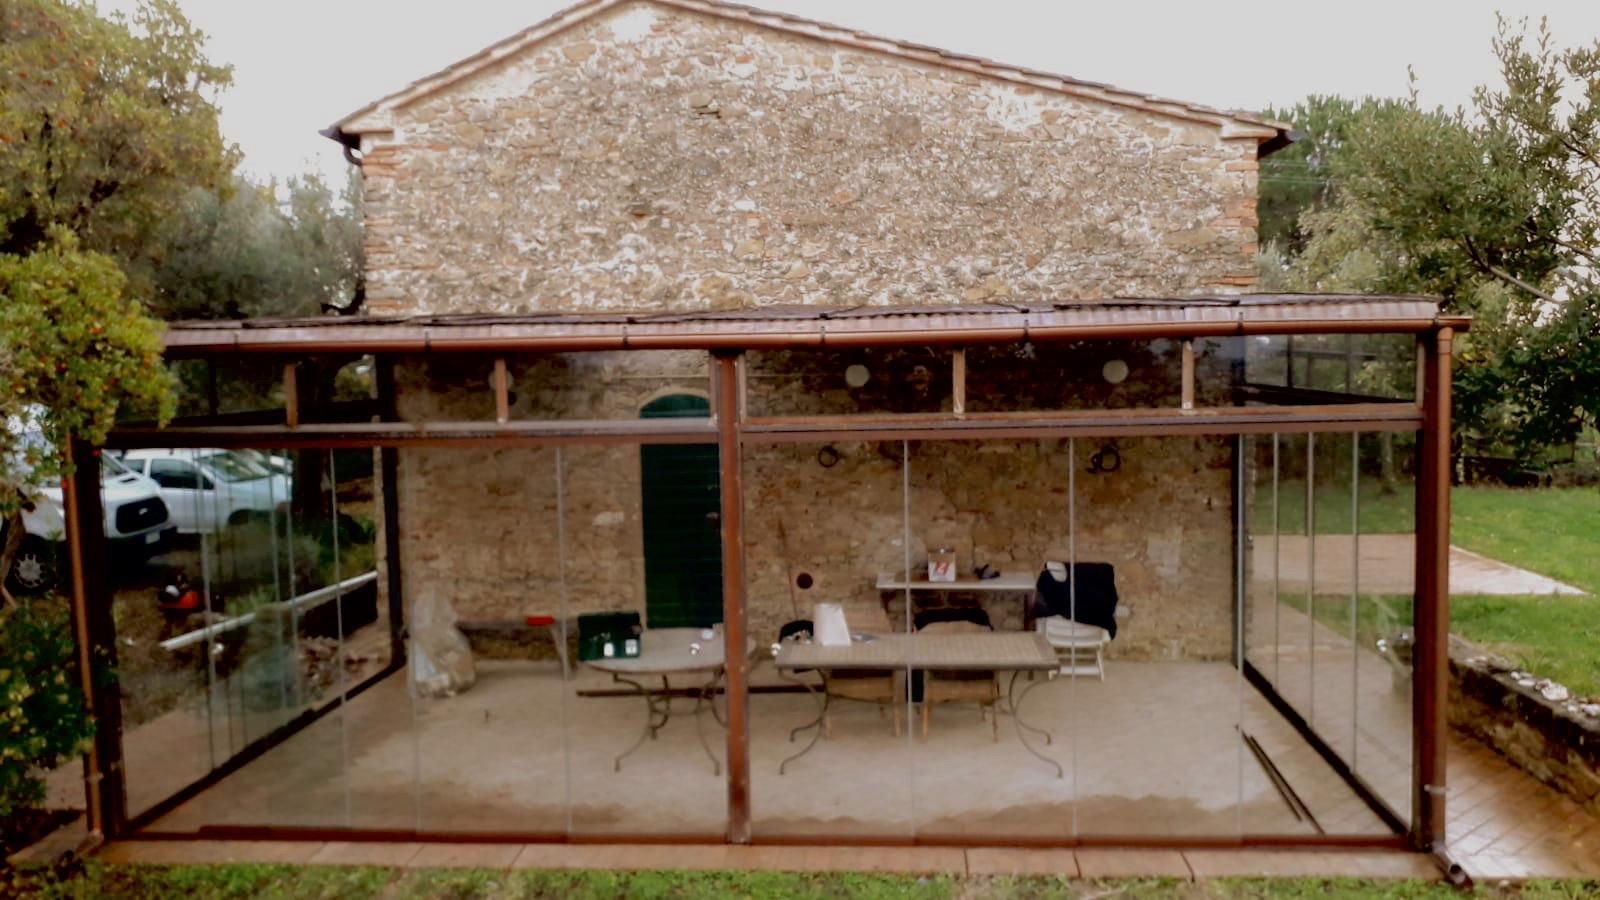 Veranda Toscana sit-in shed